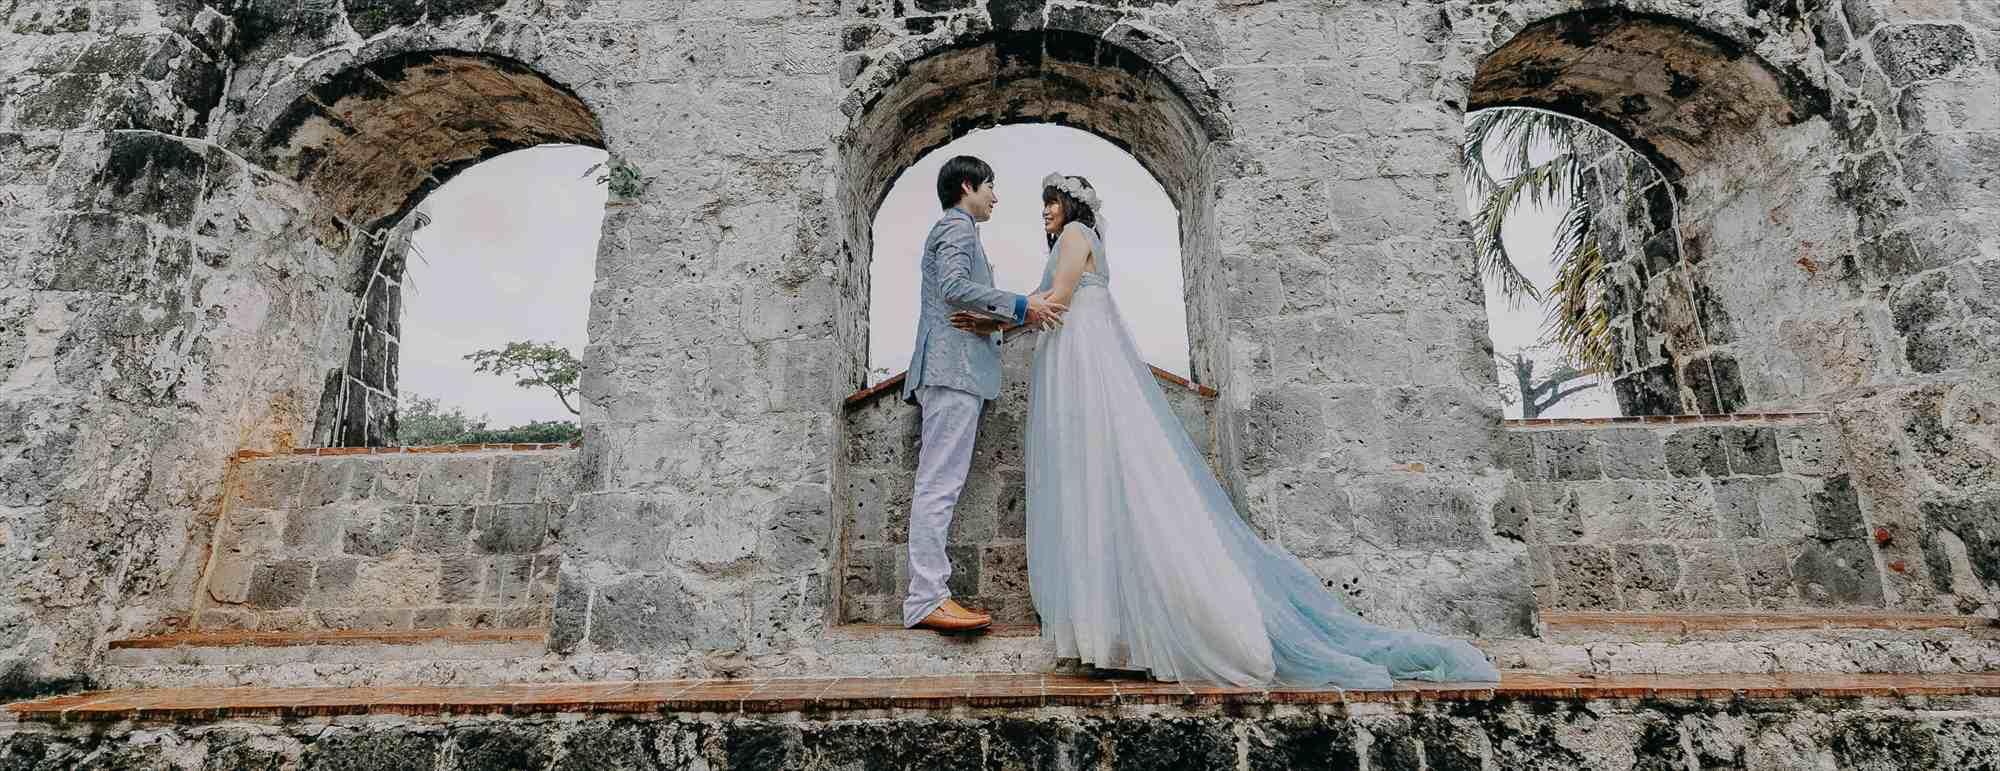 セブ島シティ・ウェディング・フォトCebu City Wedding Photo Fort San Perdo~サン・ペドロ要塞フォトウェディング